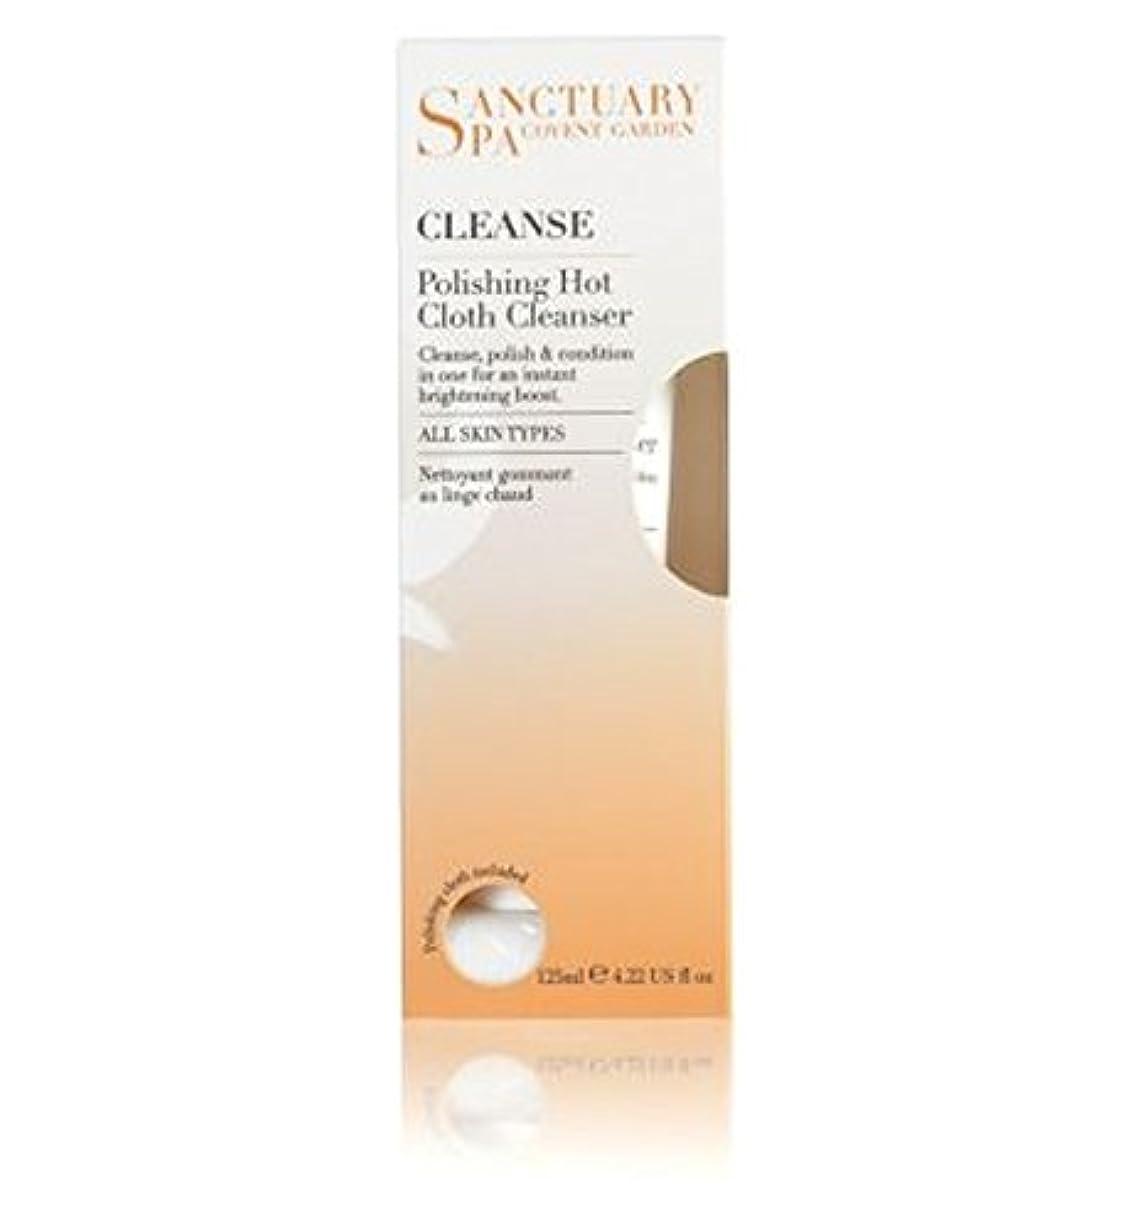 請求書草論争的Sanctuary Spa Polishing Hot Cloth Cleanser - 聖域スパ研磨ホット布クレンザー (Sanctuary) [並行輸入品]